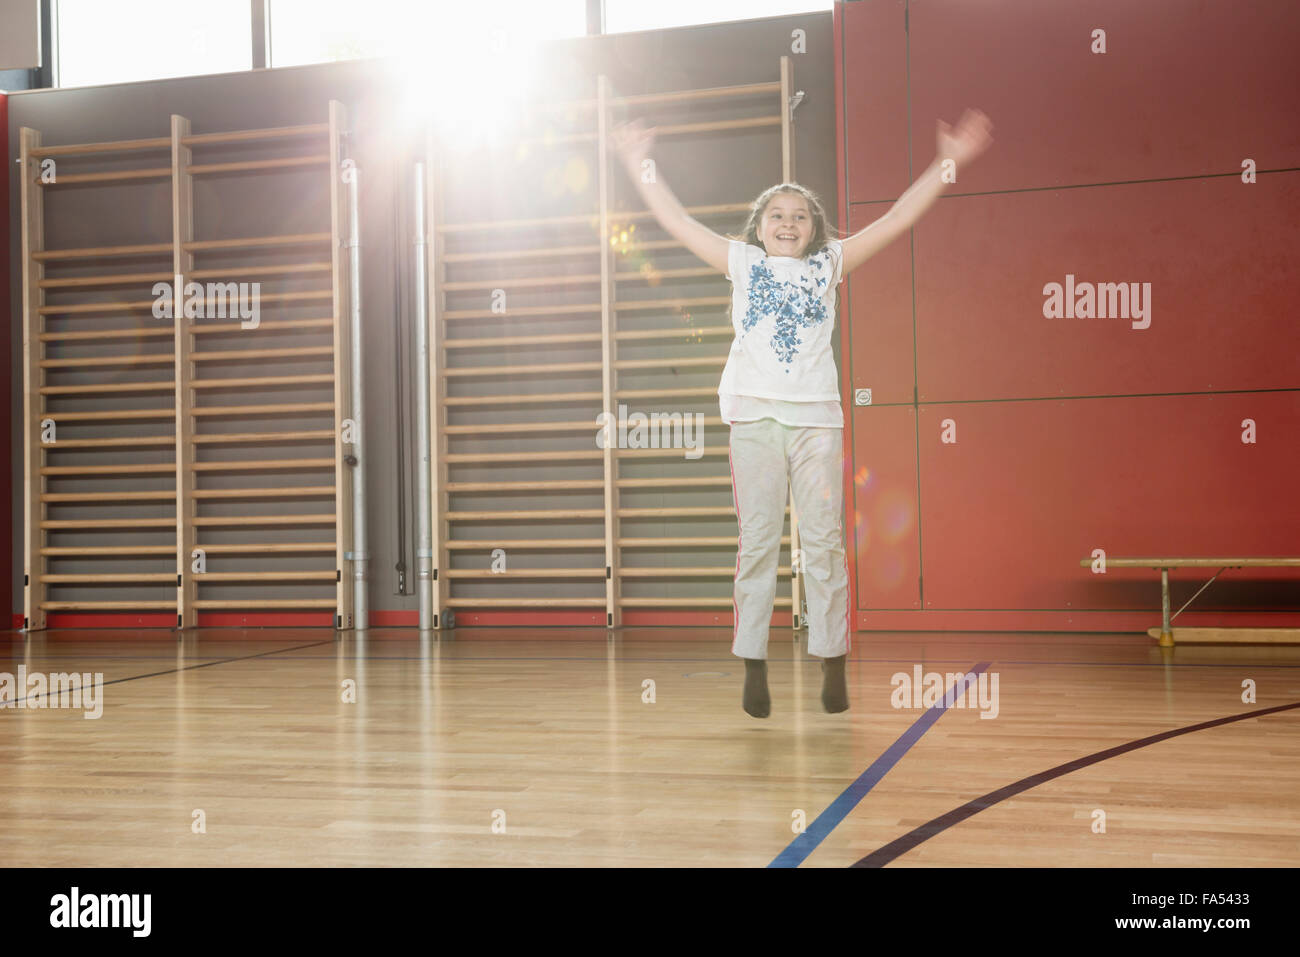 Fröhliches kleines Mädchen springen in Sporthalle, München, Bayern, Deutschland Stockbild